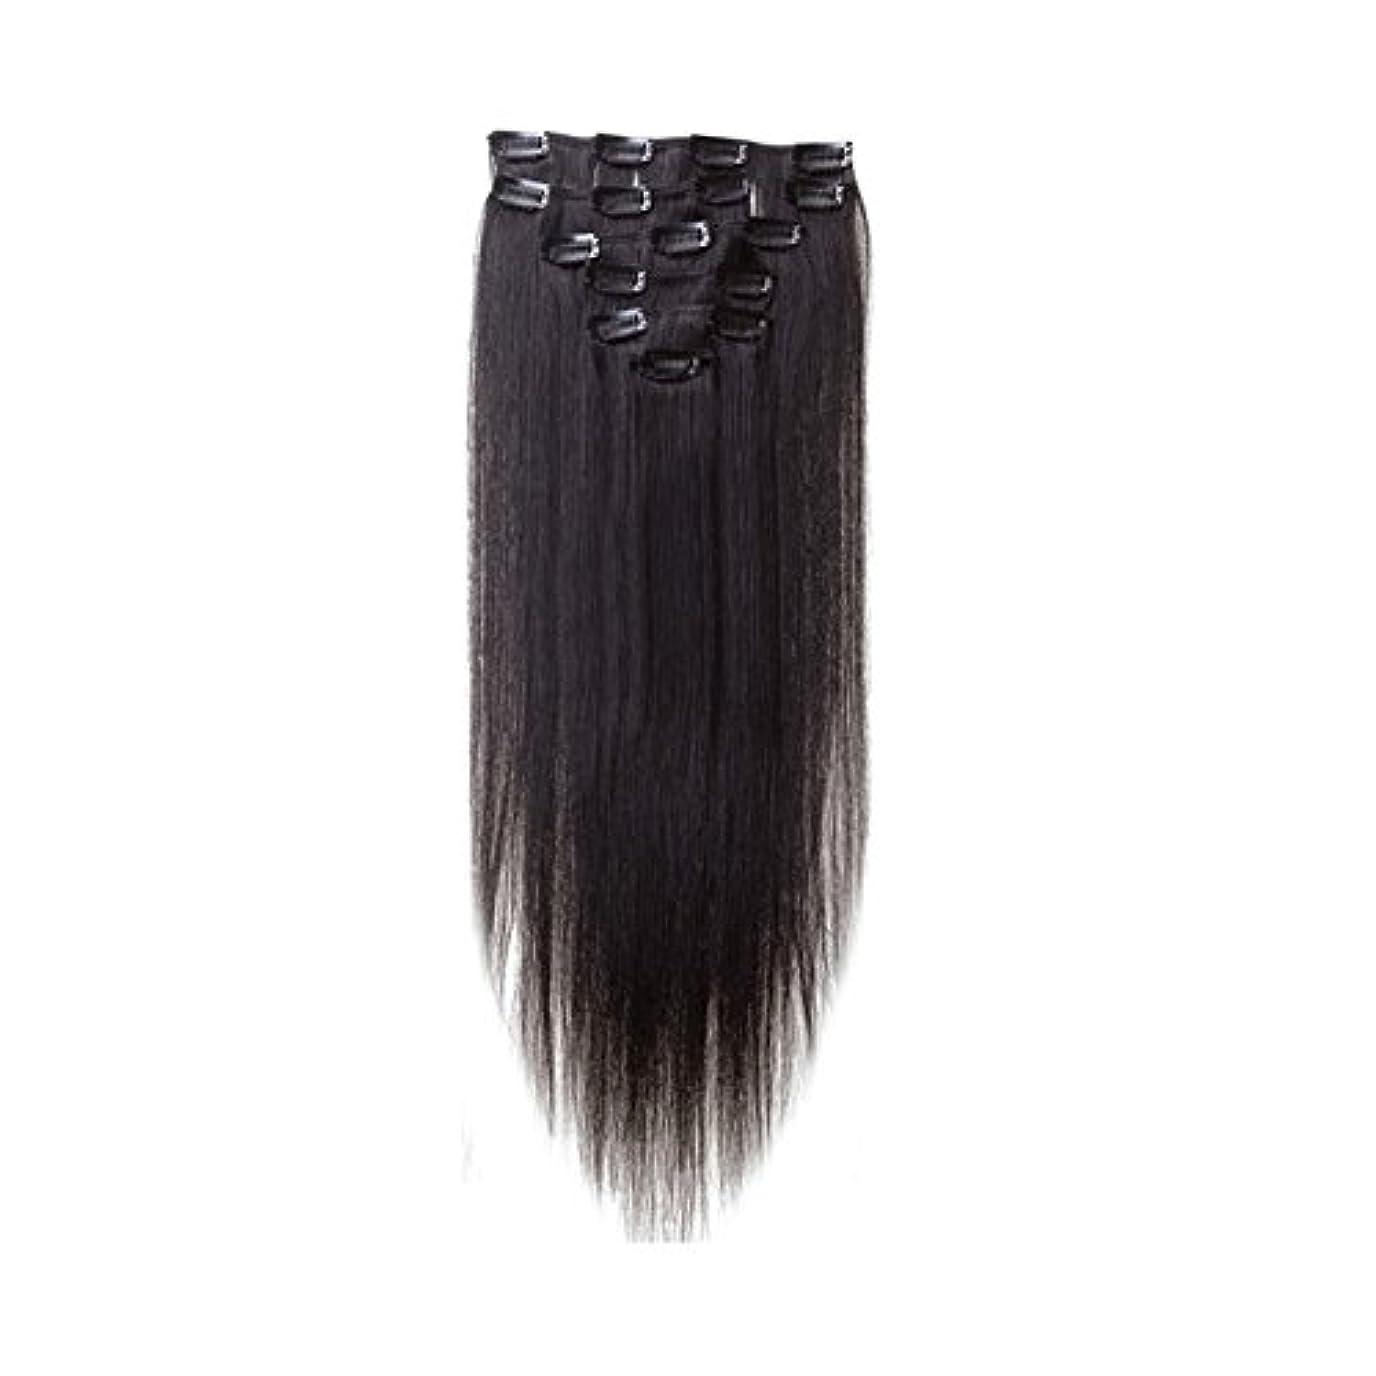 クマノミ航空提出するヘアエクステンション,SODIAL(R) 女性の人間の髪 クリップインヘアエクステンション 7件 70g 20インチ ナチュラルブラック